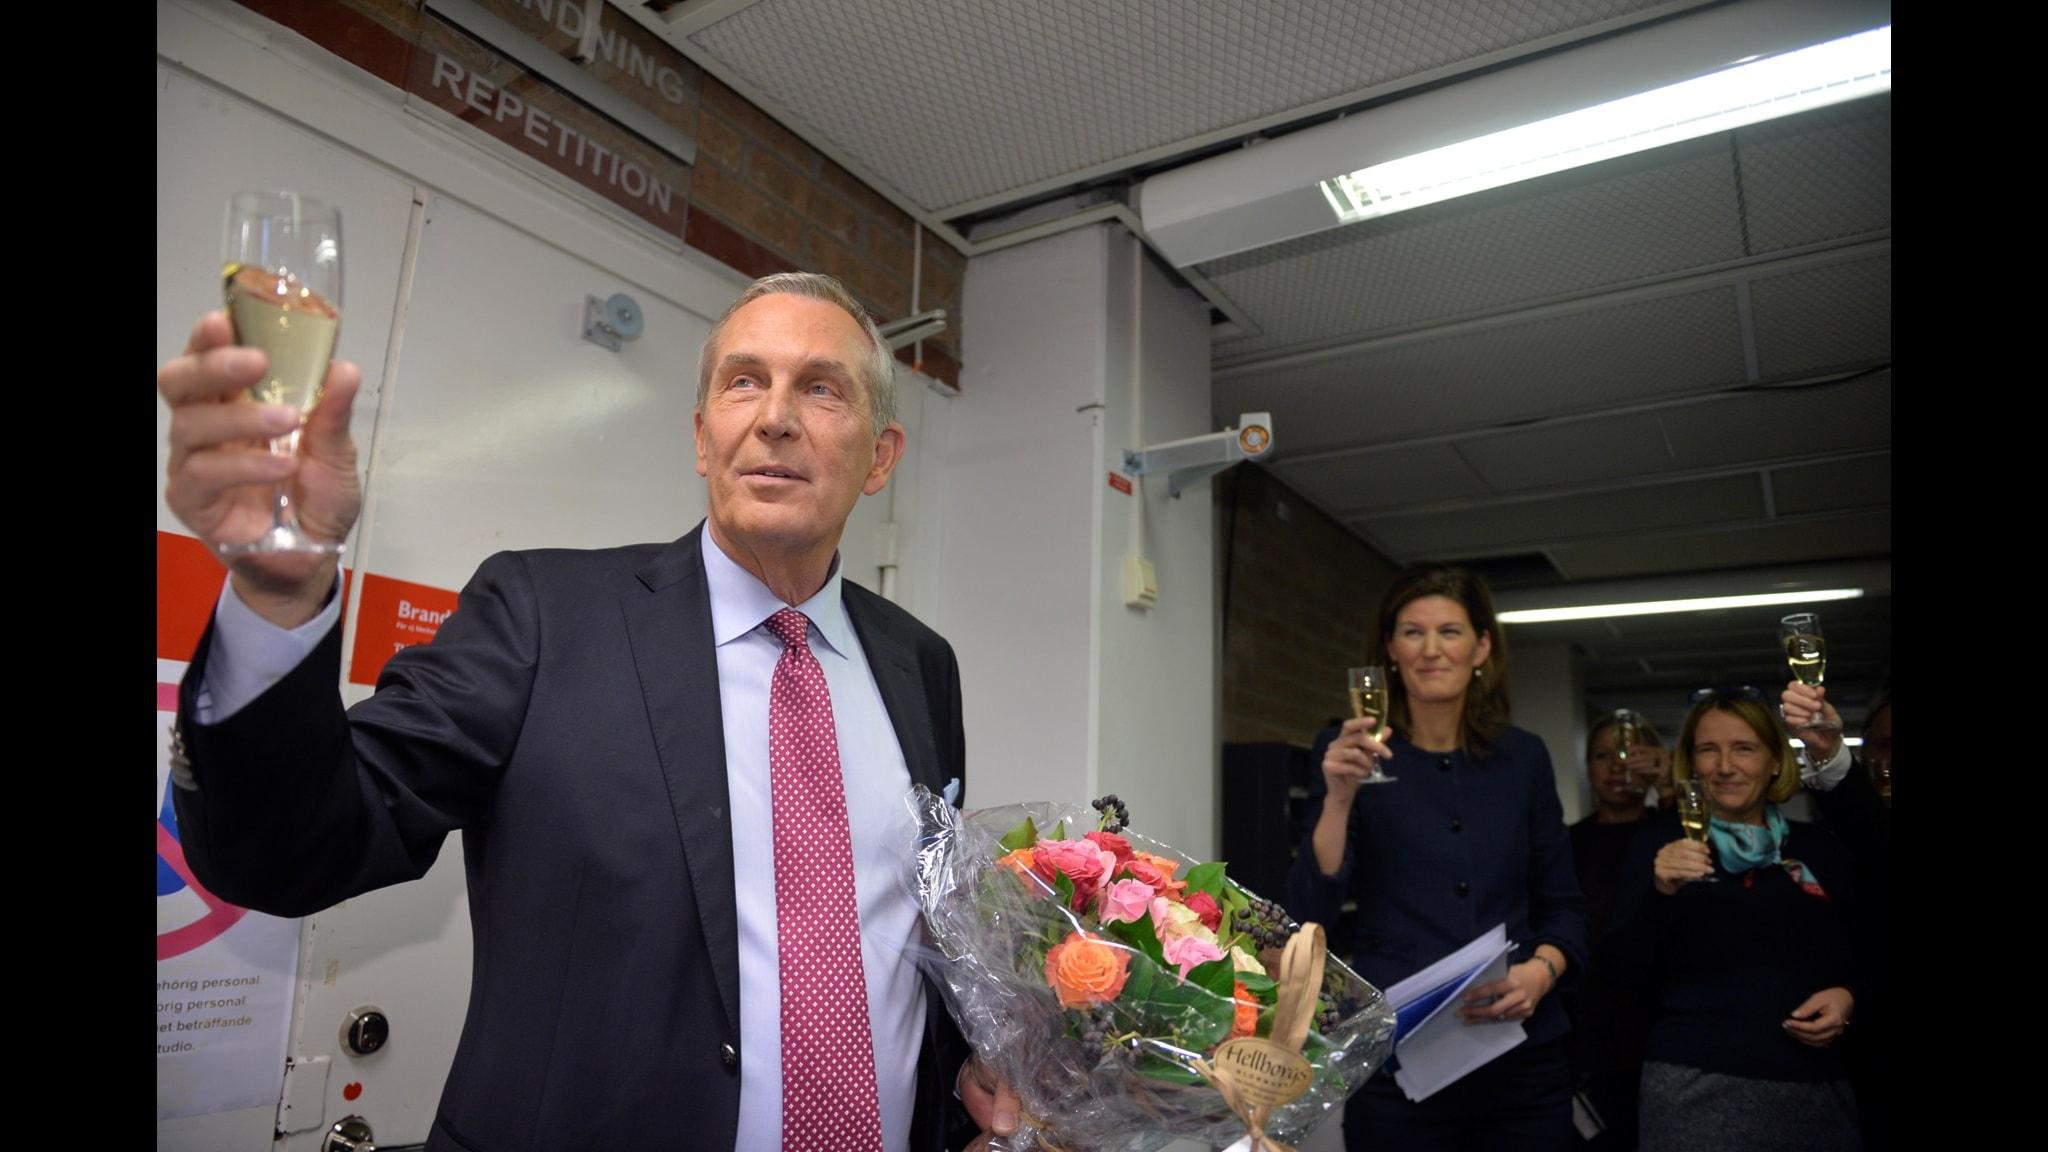 Claes Elfsberg tackas av efter sin sista Aktuellt-sändning i november. Foto: Vilhelm Stokstad/TT